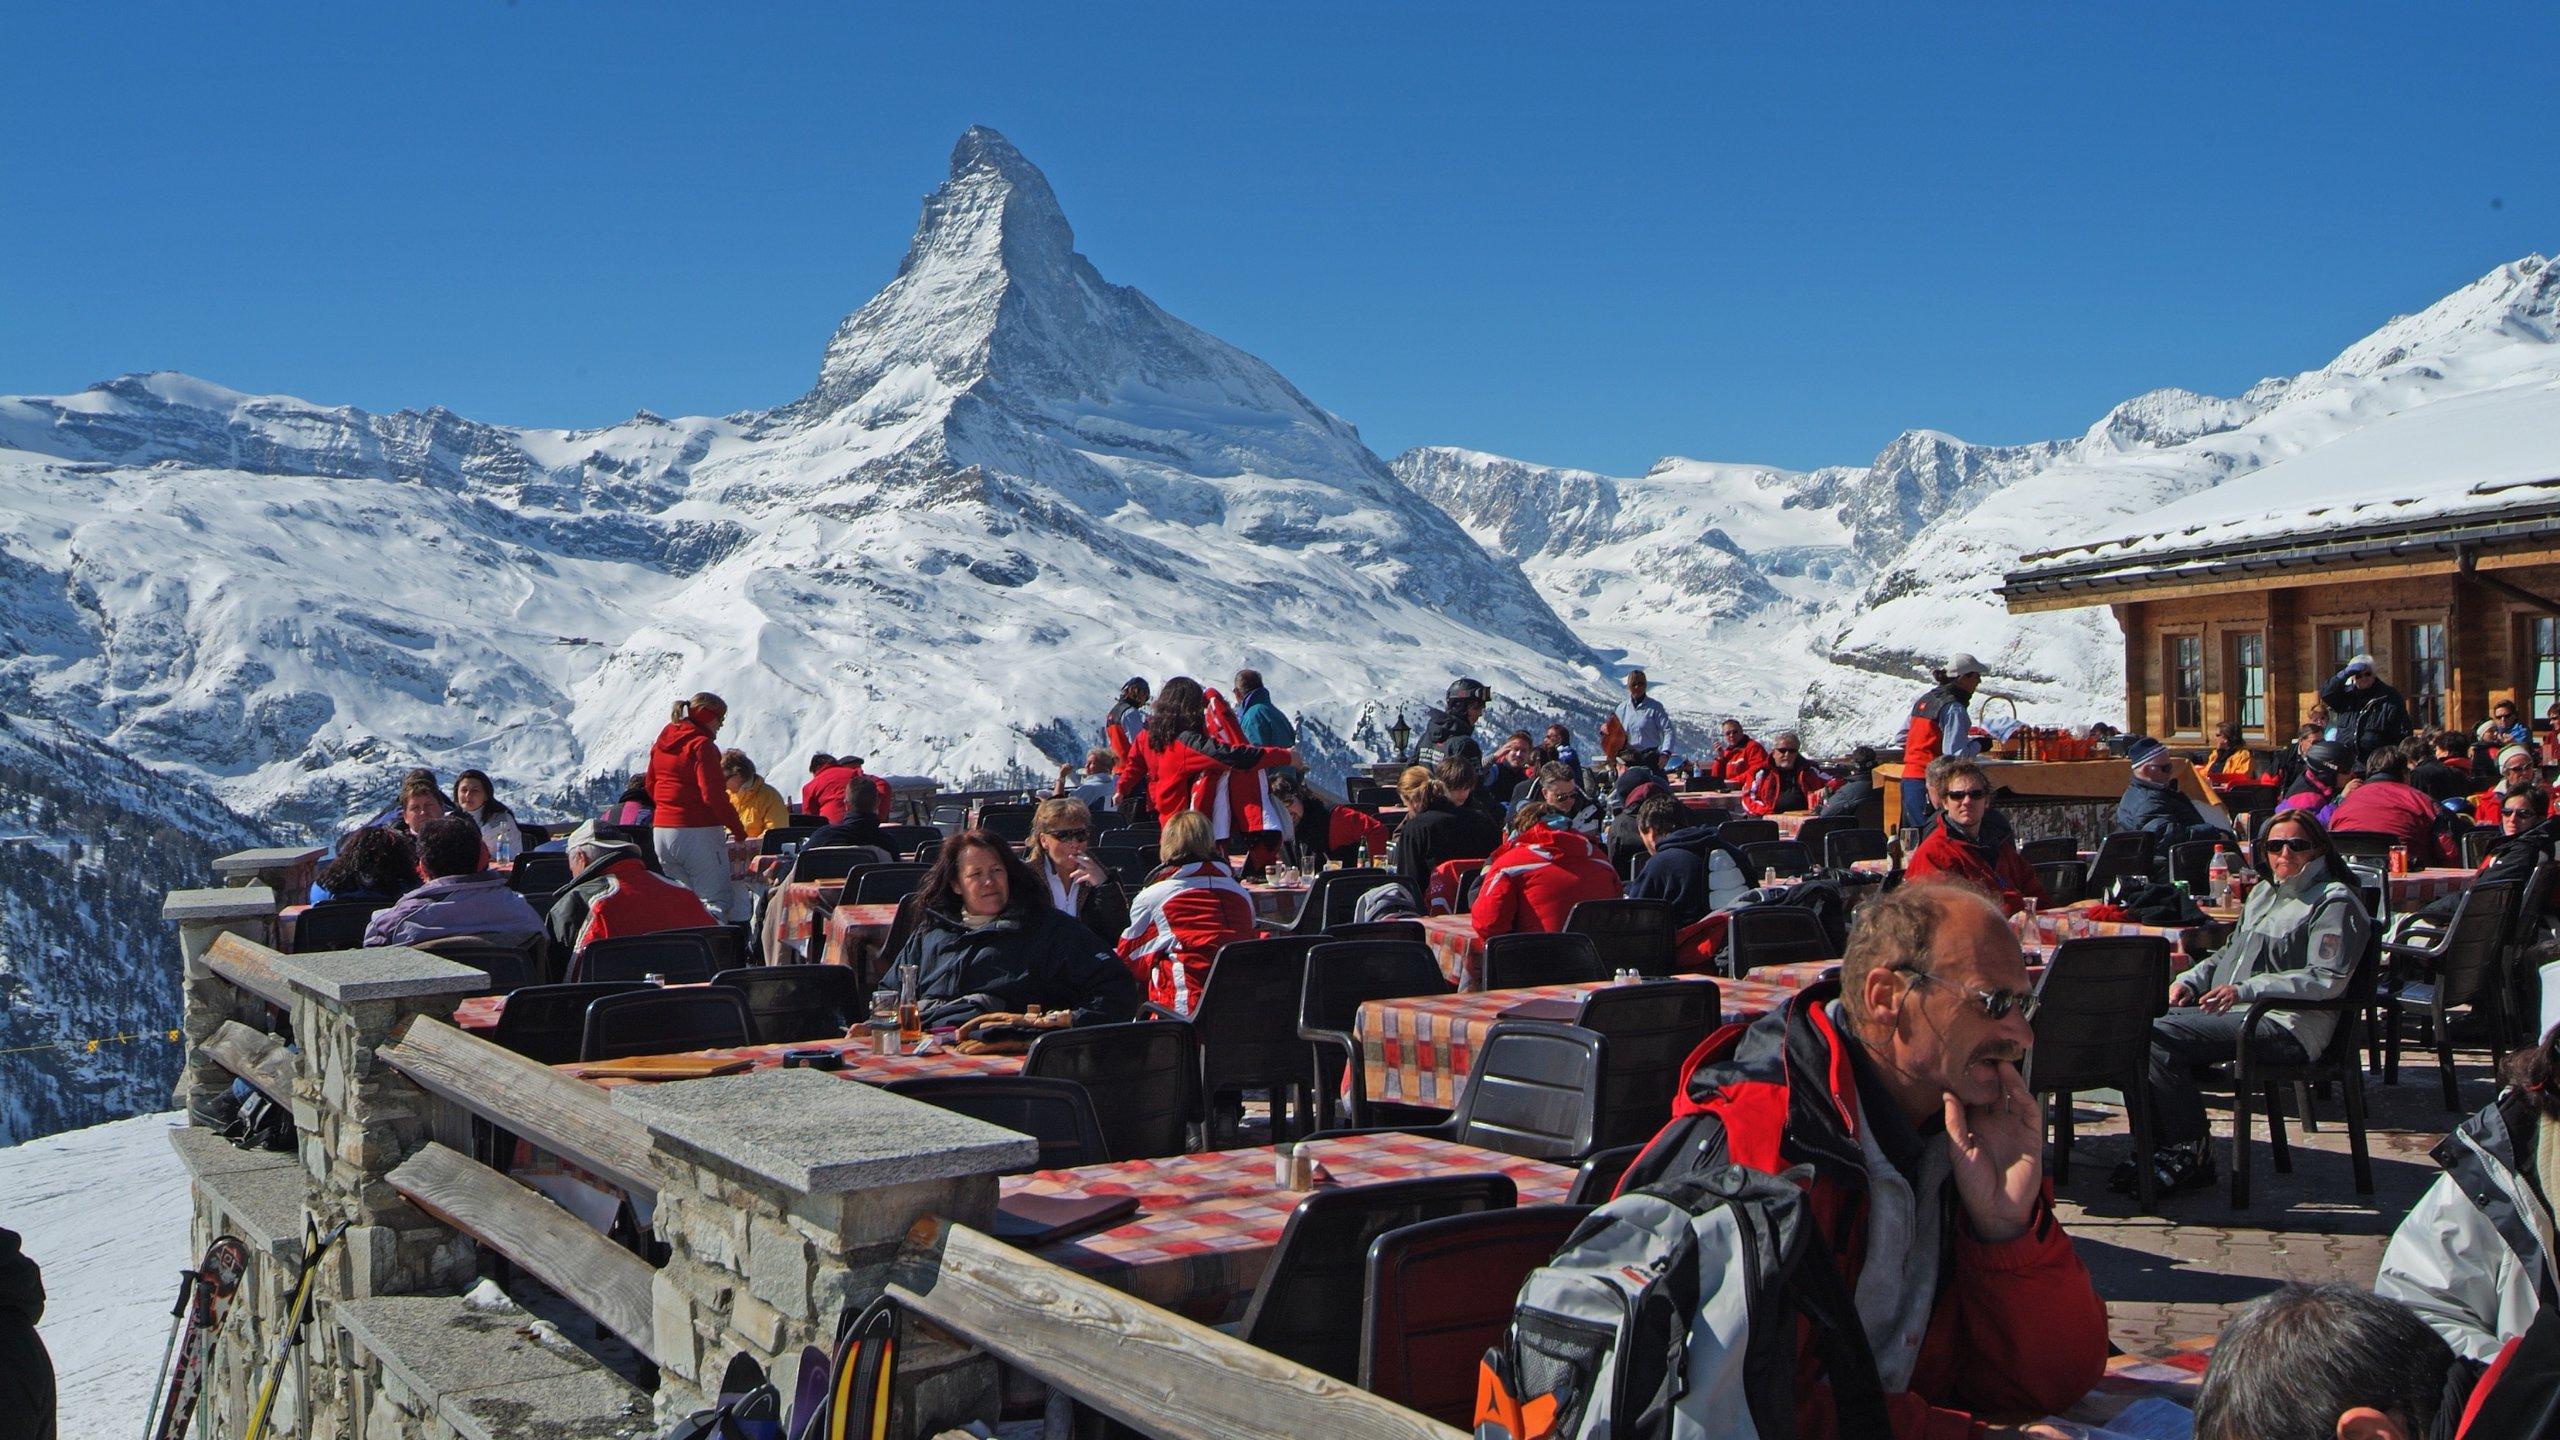 Sunnegga Ski Resort, Zermatt, Valais, Switzerland